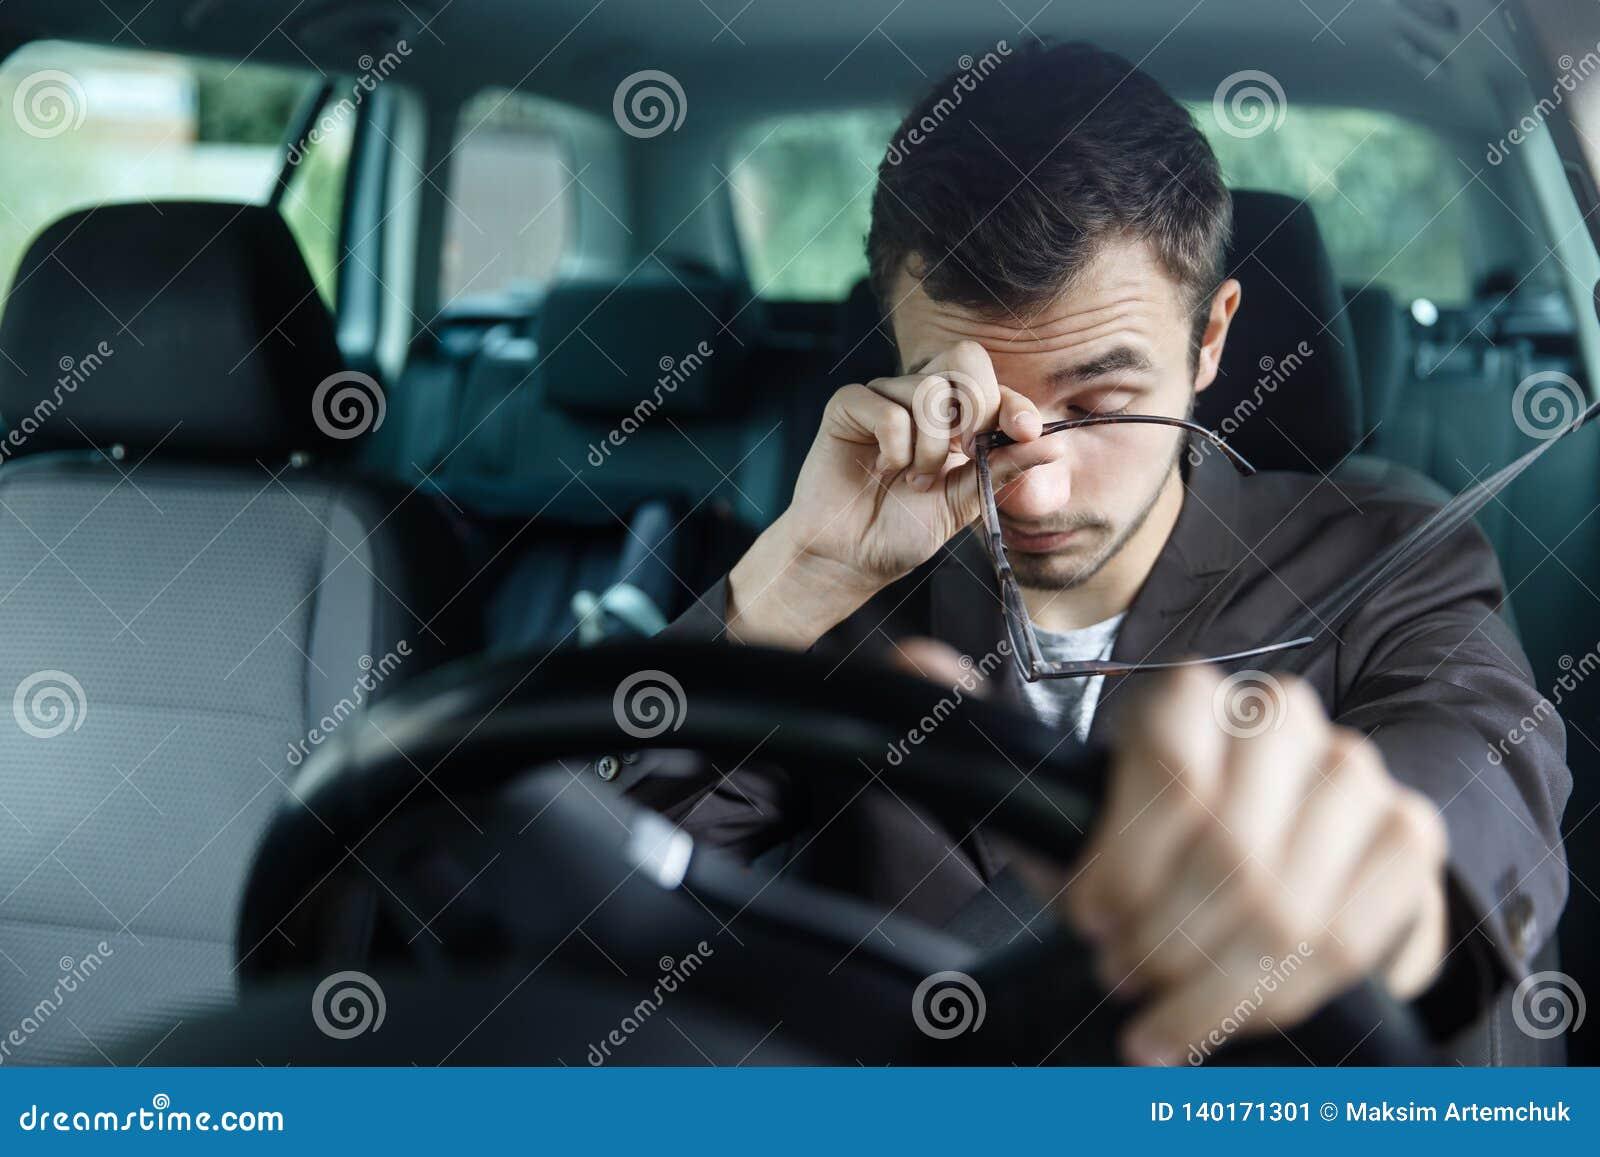 El hombre joven soñoliento frota sus ojos con su mano derecha Su mano izquierda está en el volante Él se está sentando en su coch